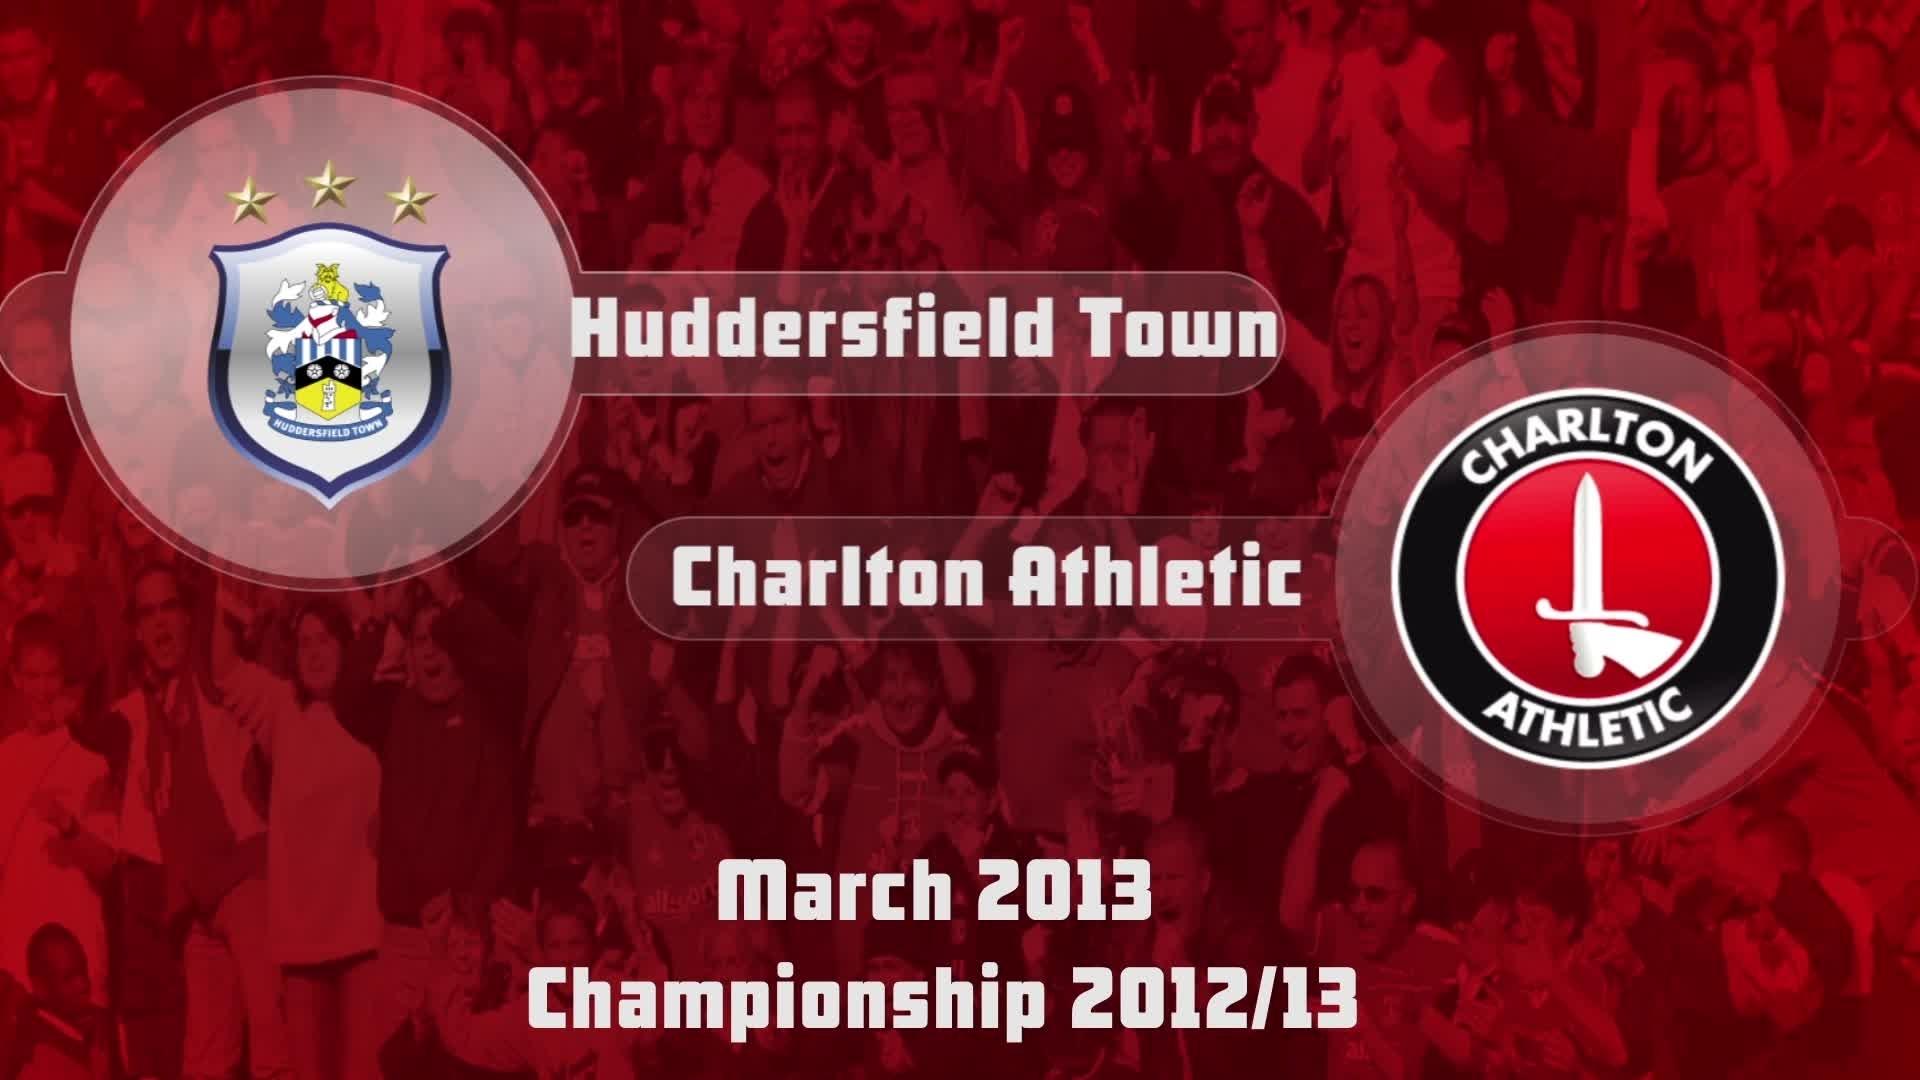 39 HIGHLIGHTS | Huddesfield 0 Charlton 1 (March 2013)